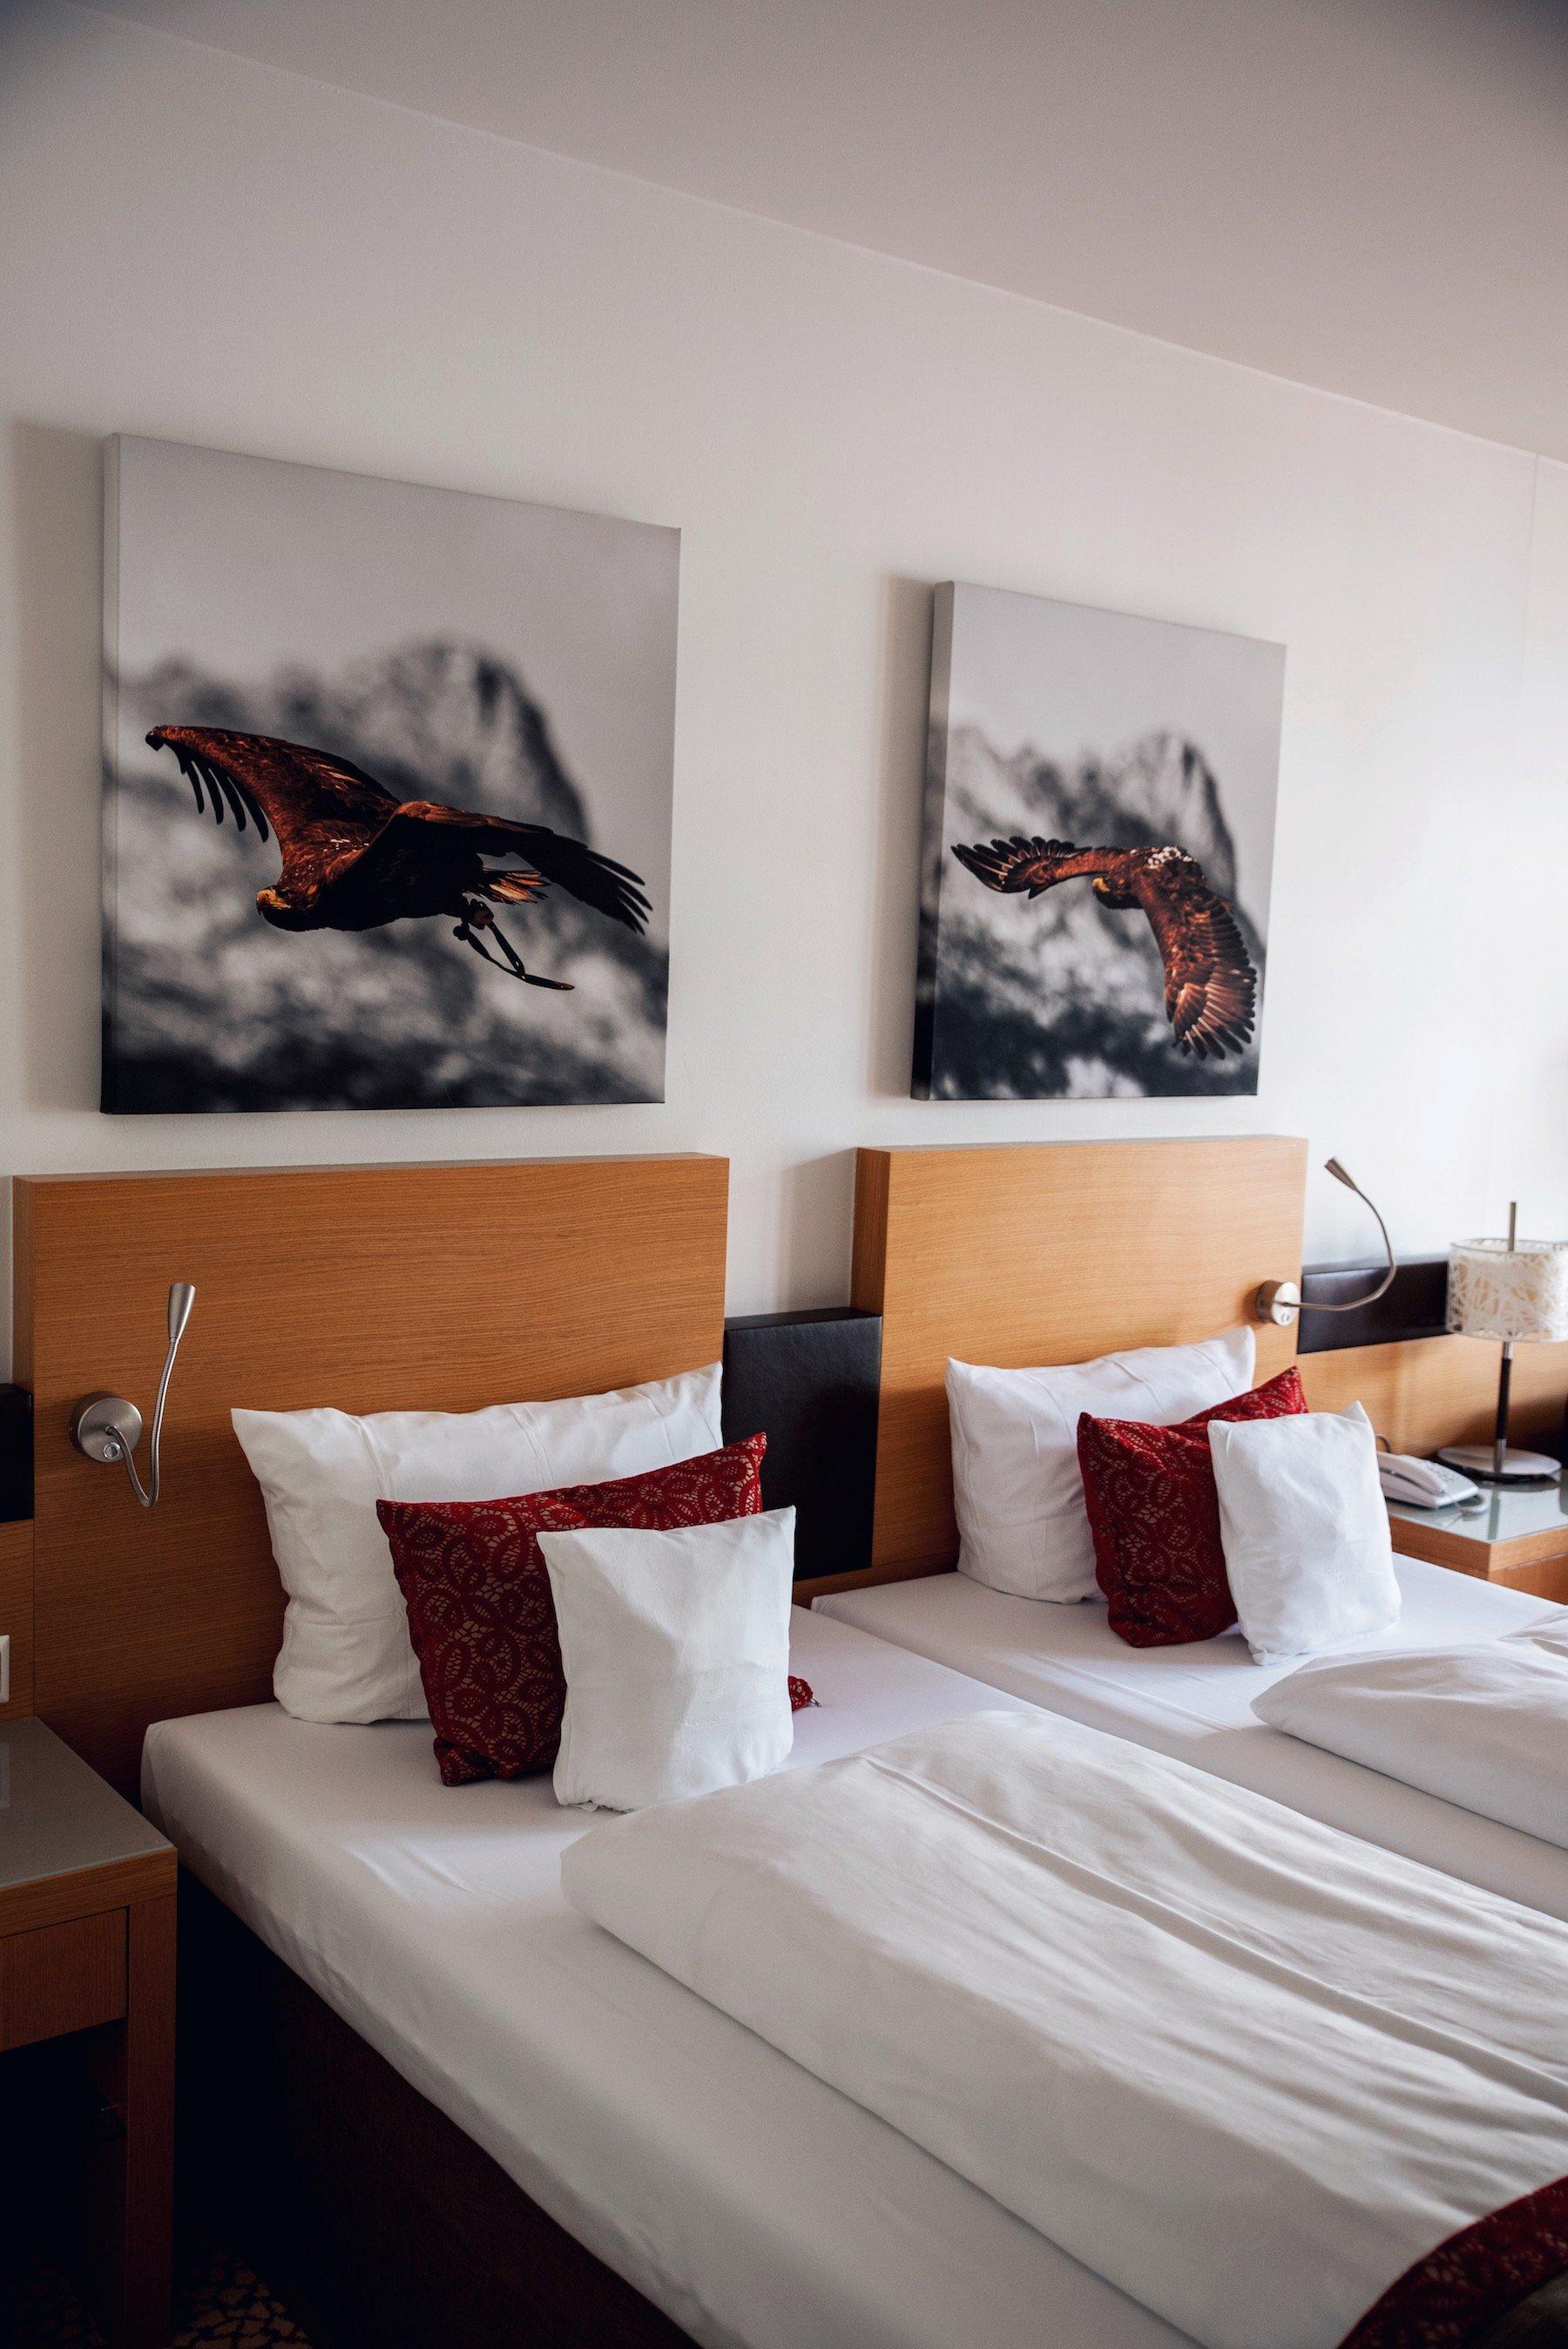 Wellnessurlaub und sportliches Outdoor Vergnügen: Das Wellnesshotel Travel Charme Fürstenhof am Achensee